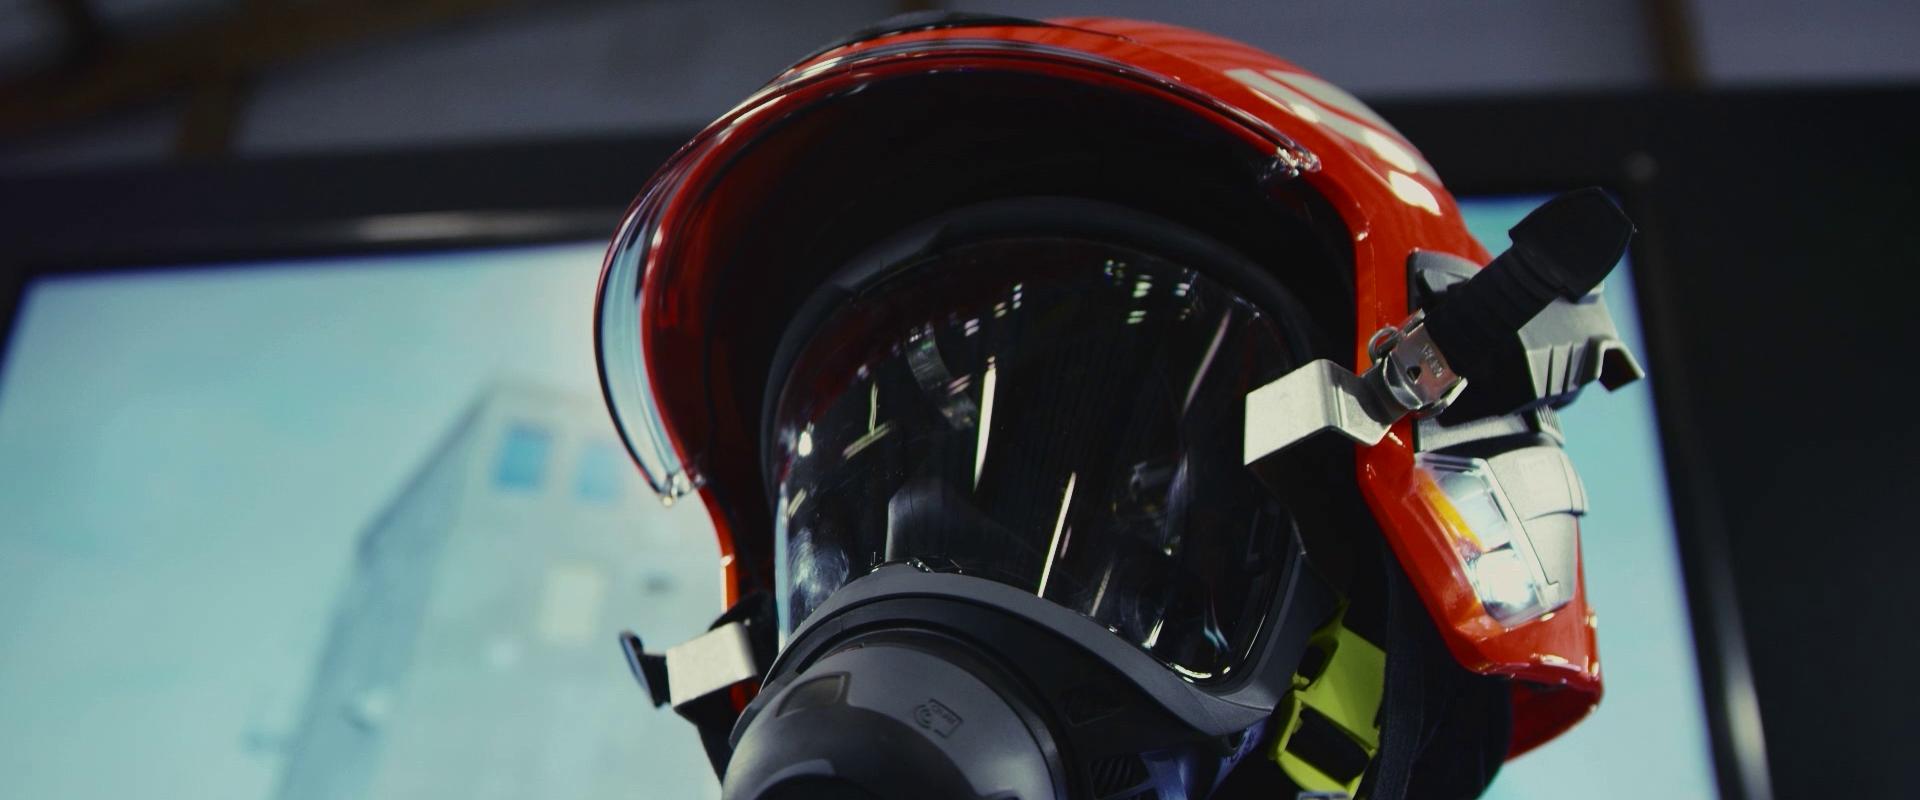 Casque MSA - Congrès national des sapeurs-pompiers